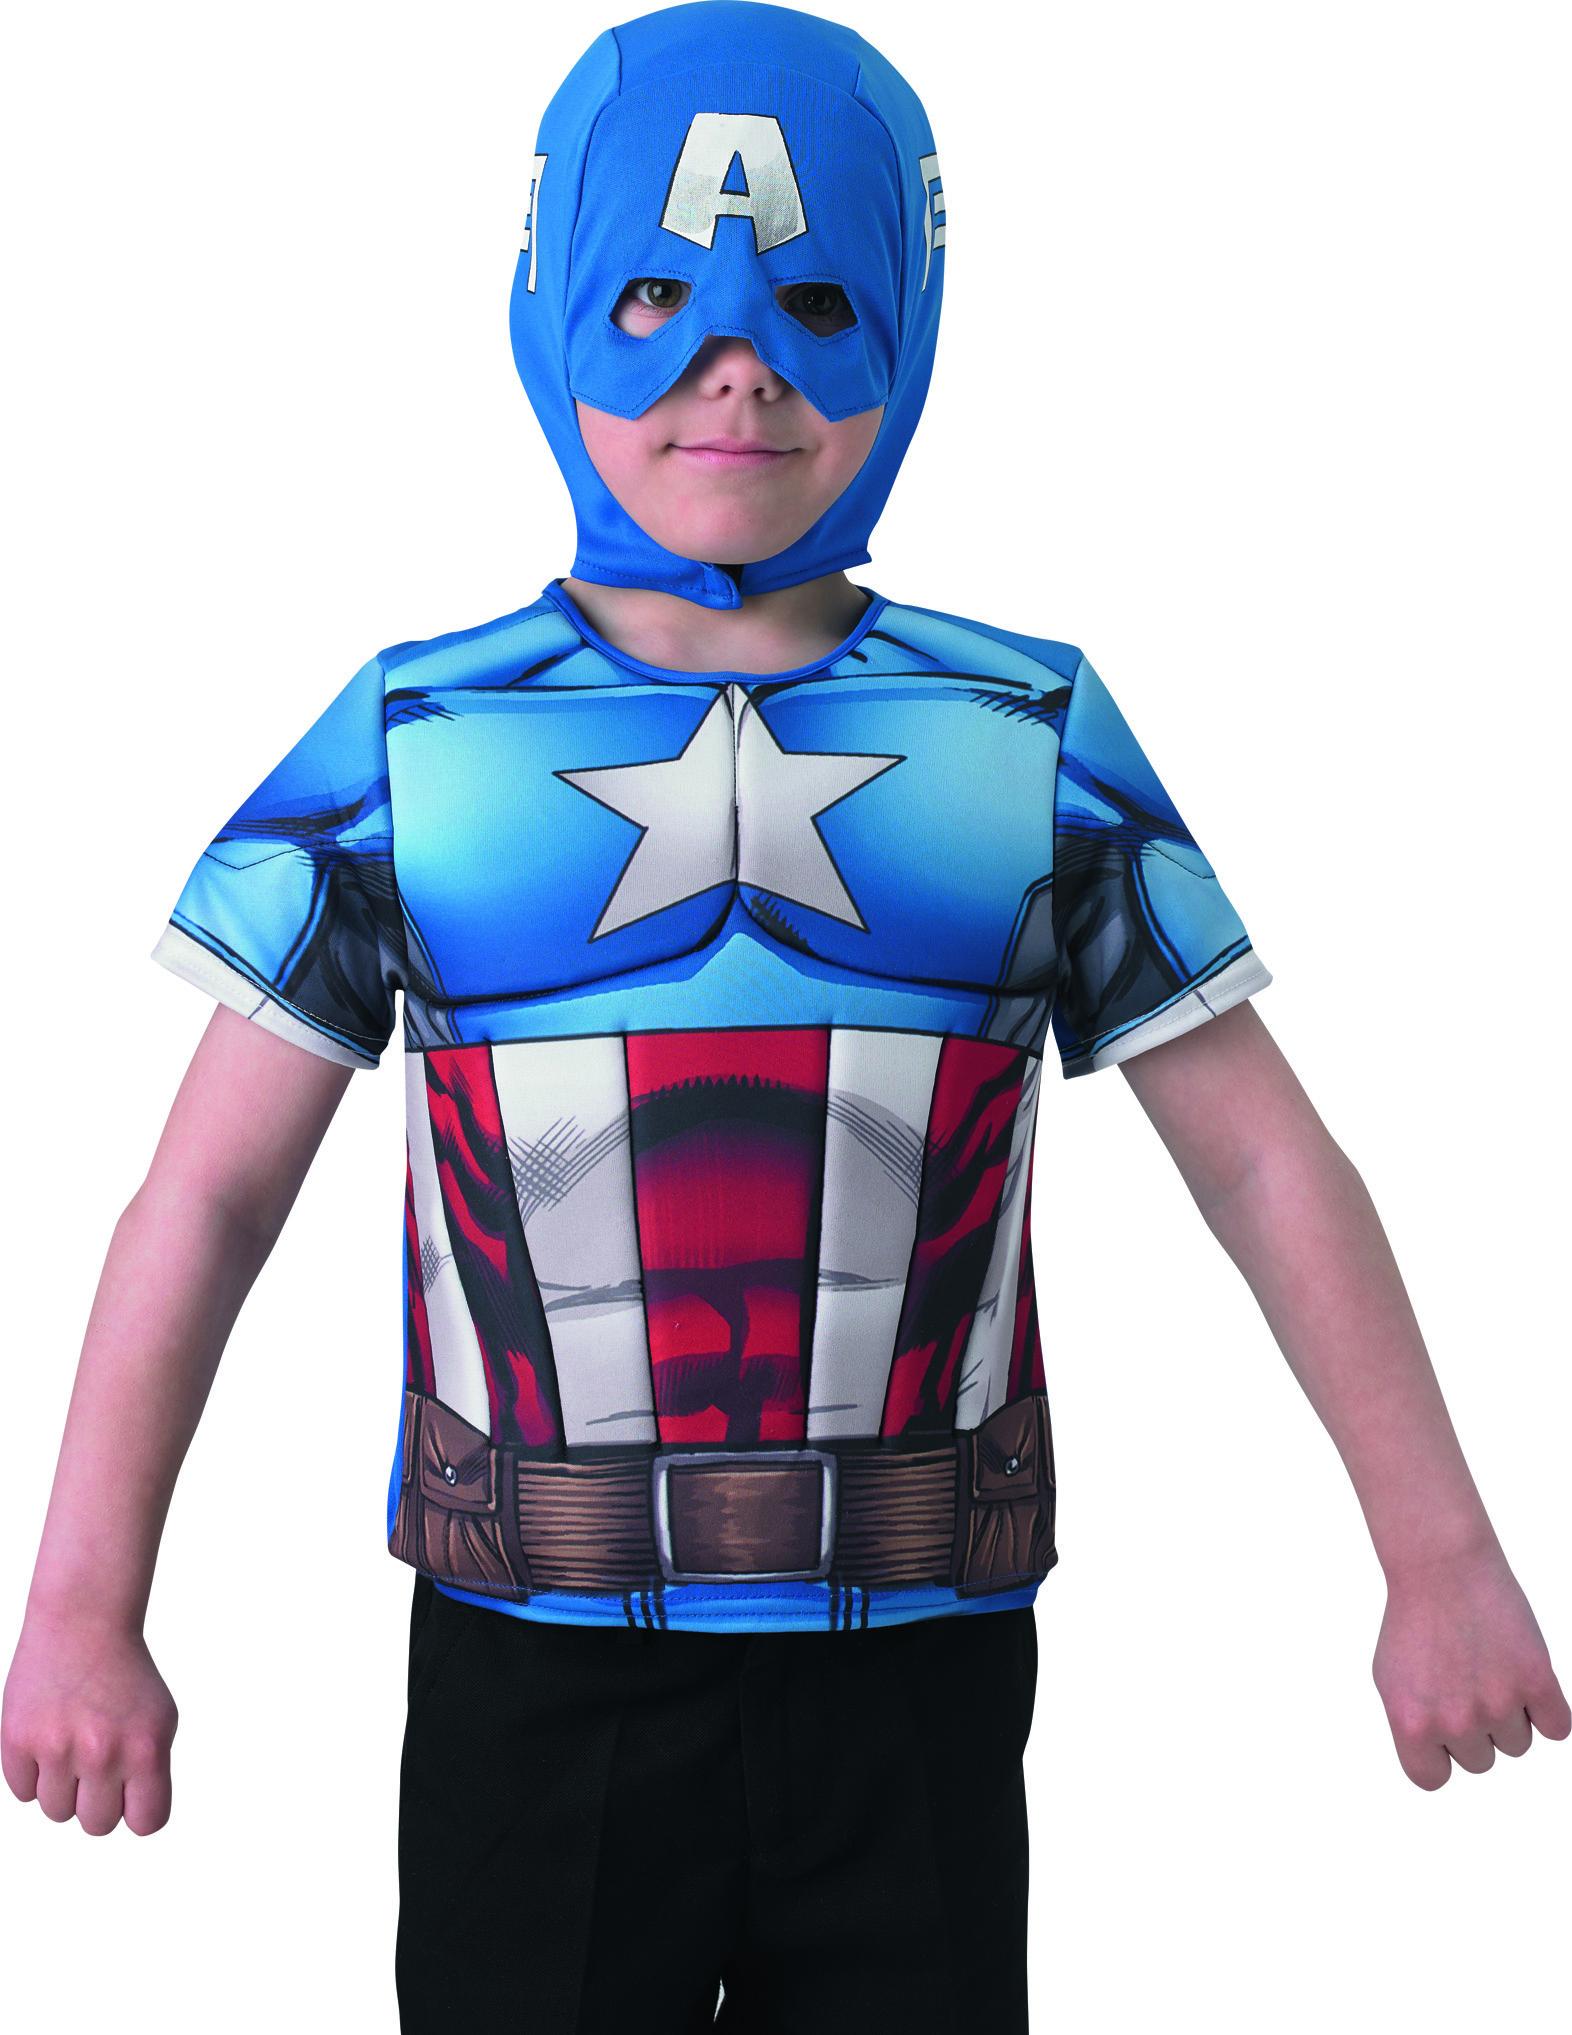 a86dfe669a02 Skjortbröst Captain America The Winter Soldier™ barn, köp ...